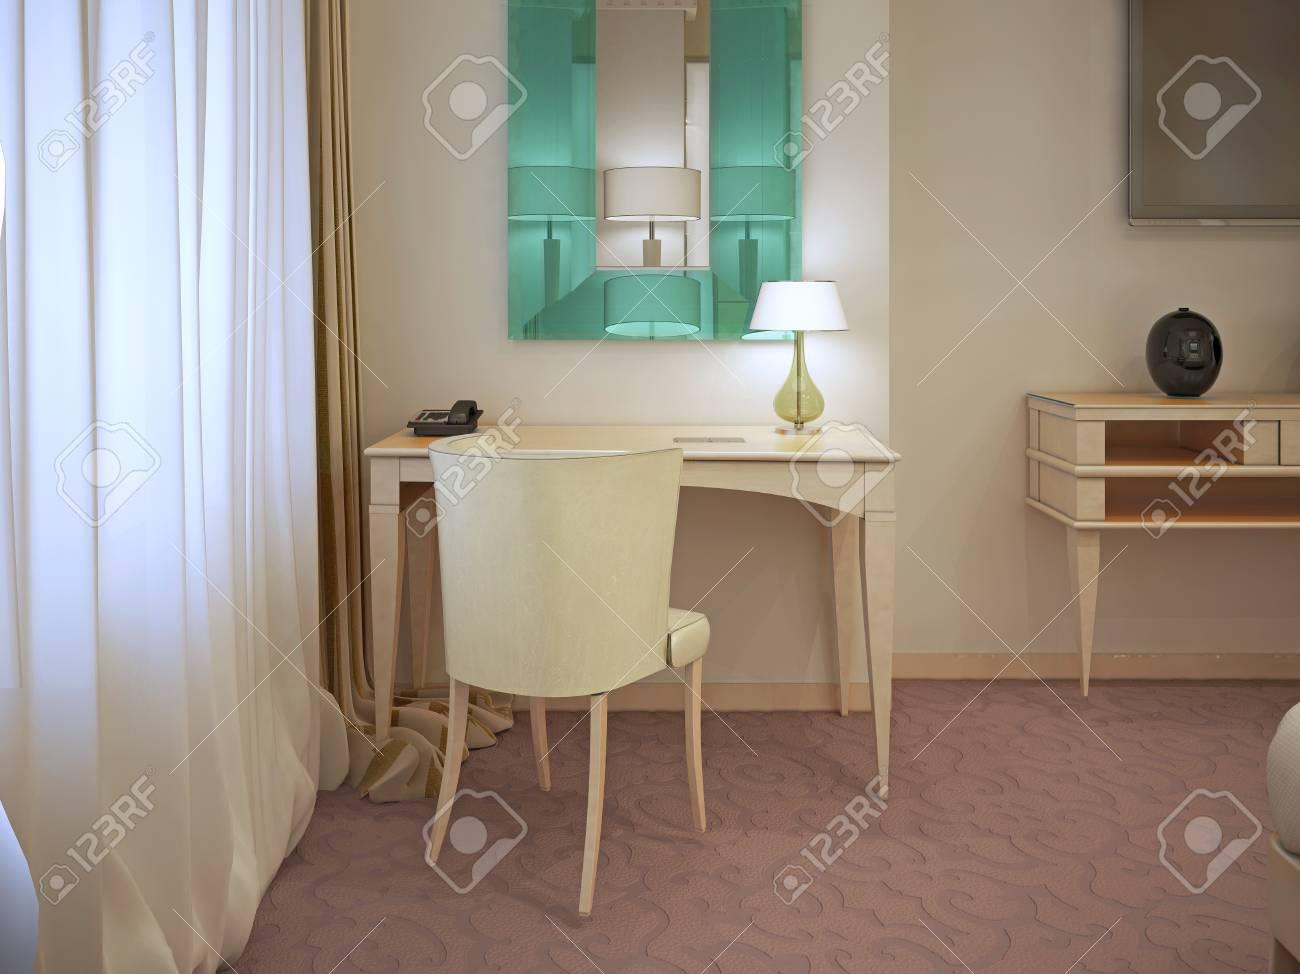 Grote Foto Aan De Muur.Creme Kaptafel Met Grote Muur Spiegel Tuqruoise Kleur In Het Moderne Interieur Horizontaal 3d Render